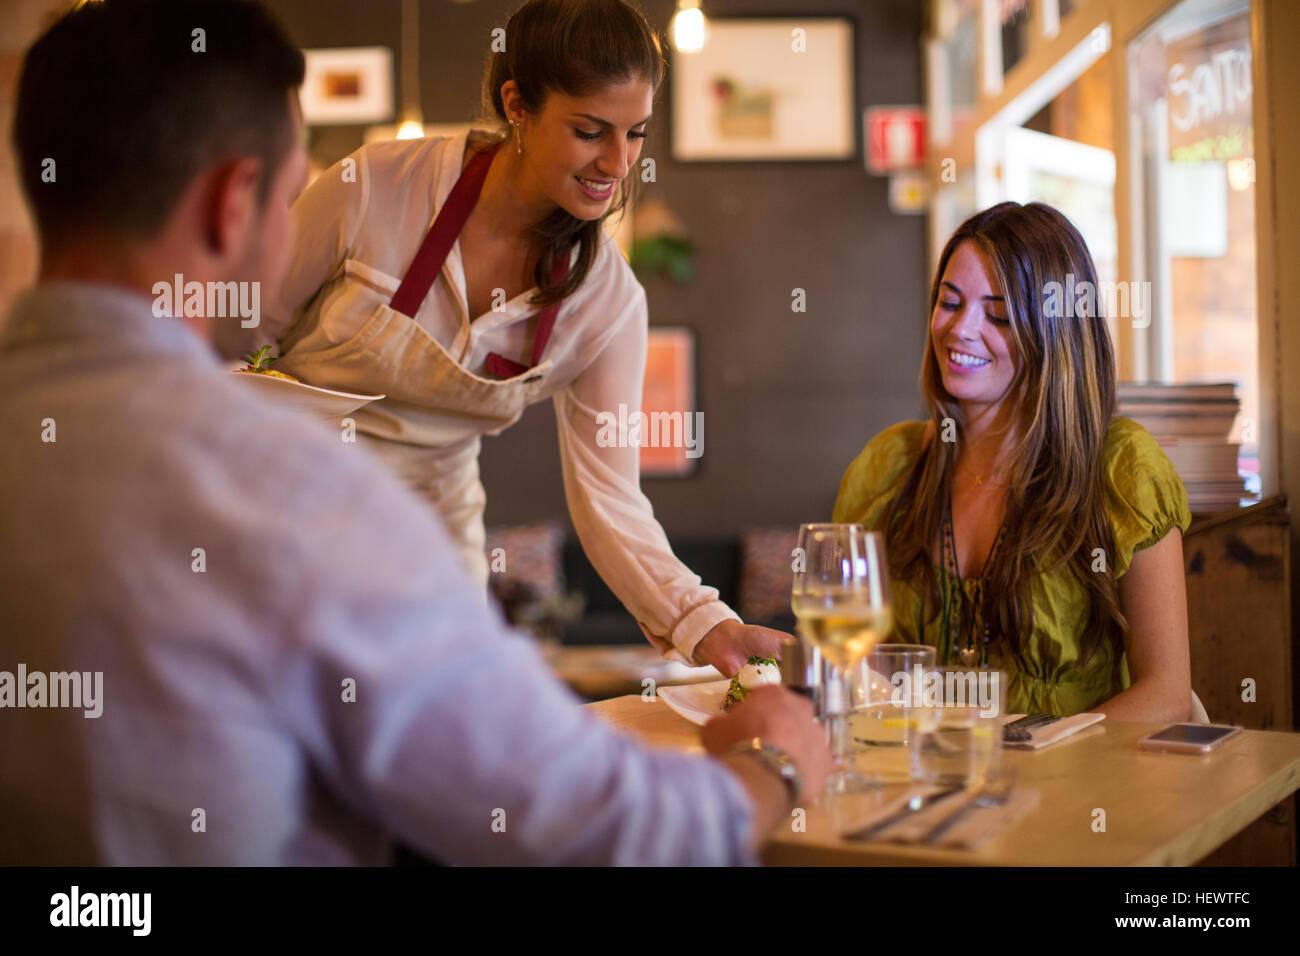 Kellnerin serviert Kunden im restaurant Stockbild